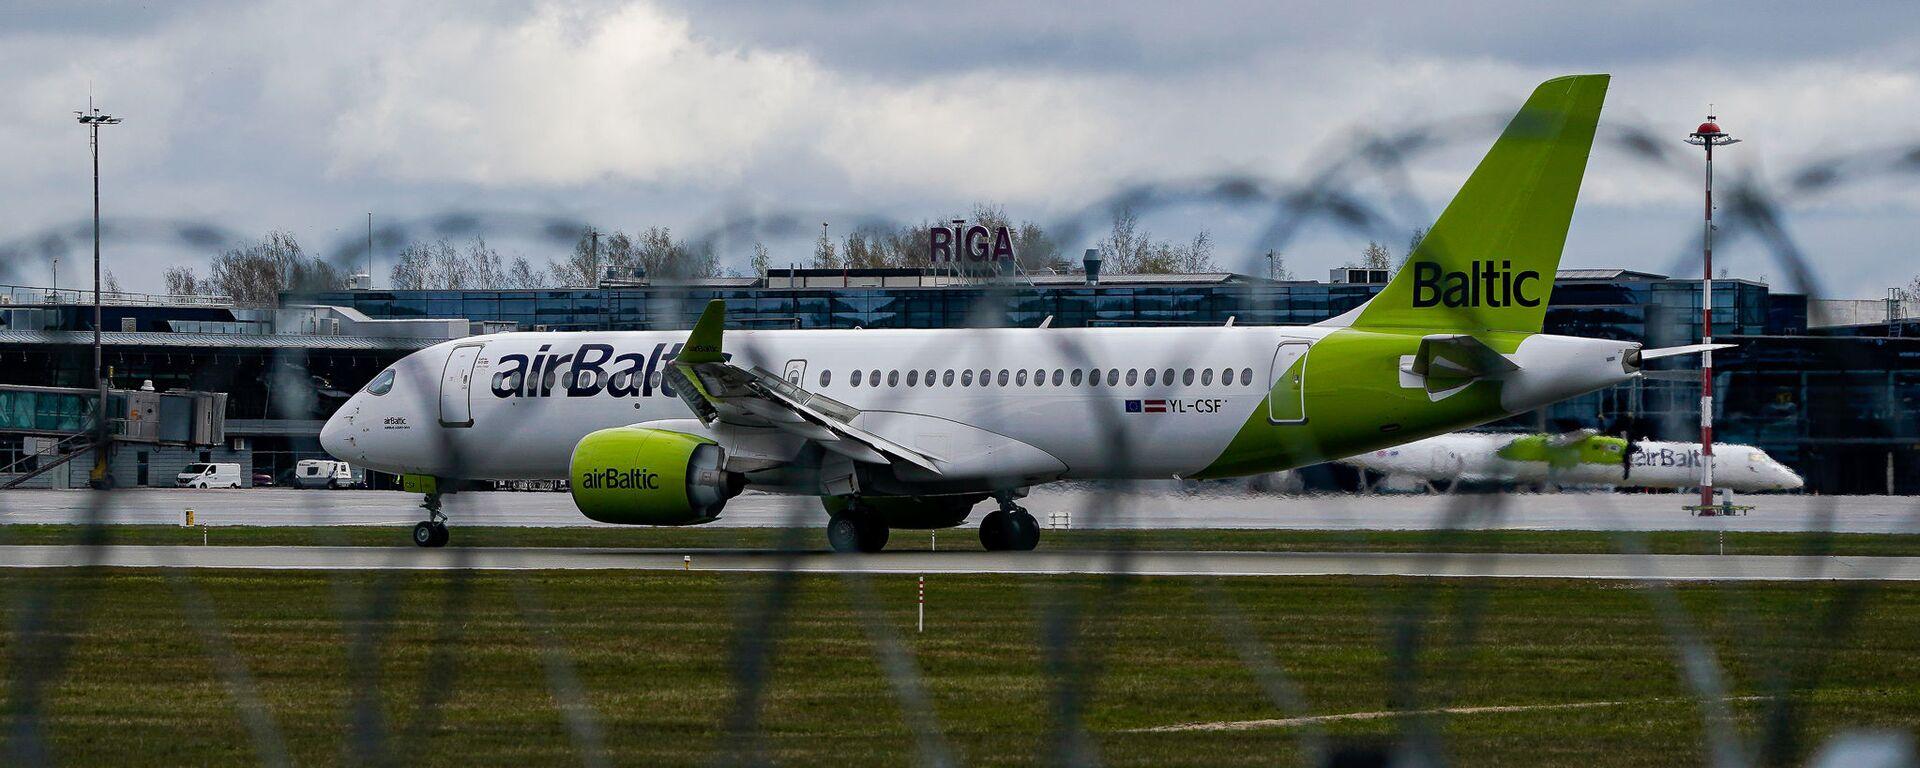 Самолет латвийской авиакомпании airBaltic заходит на посадку в аэропорт Рига - Sputnik Латвия, 1920, 27.08.2021